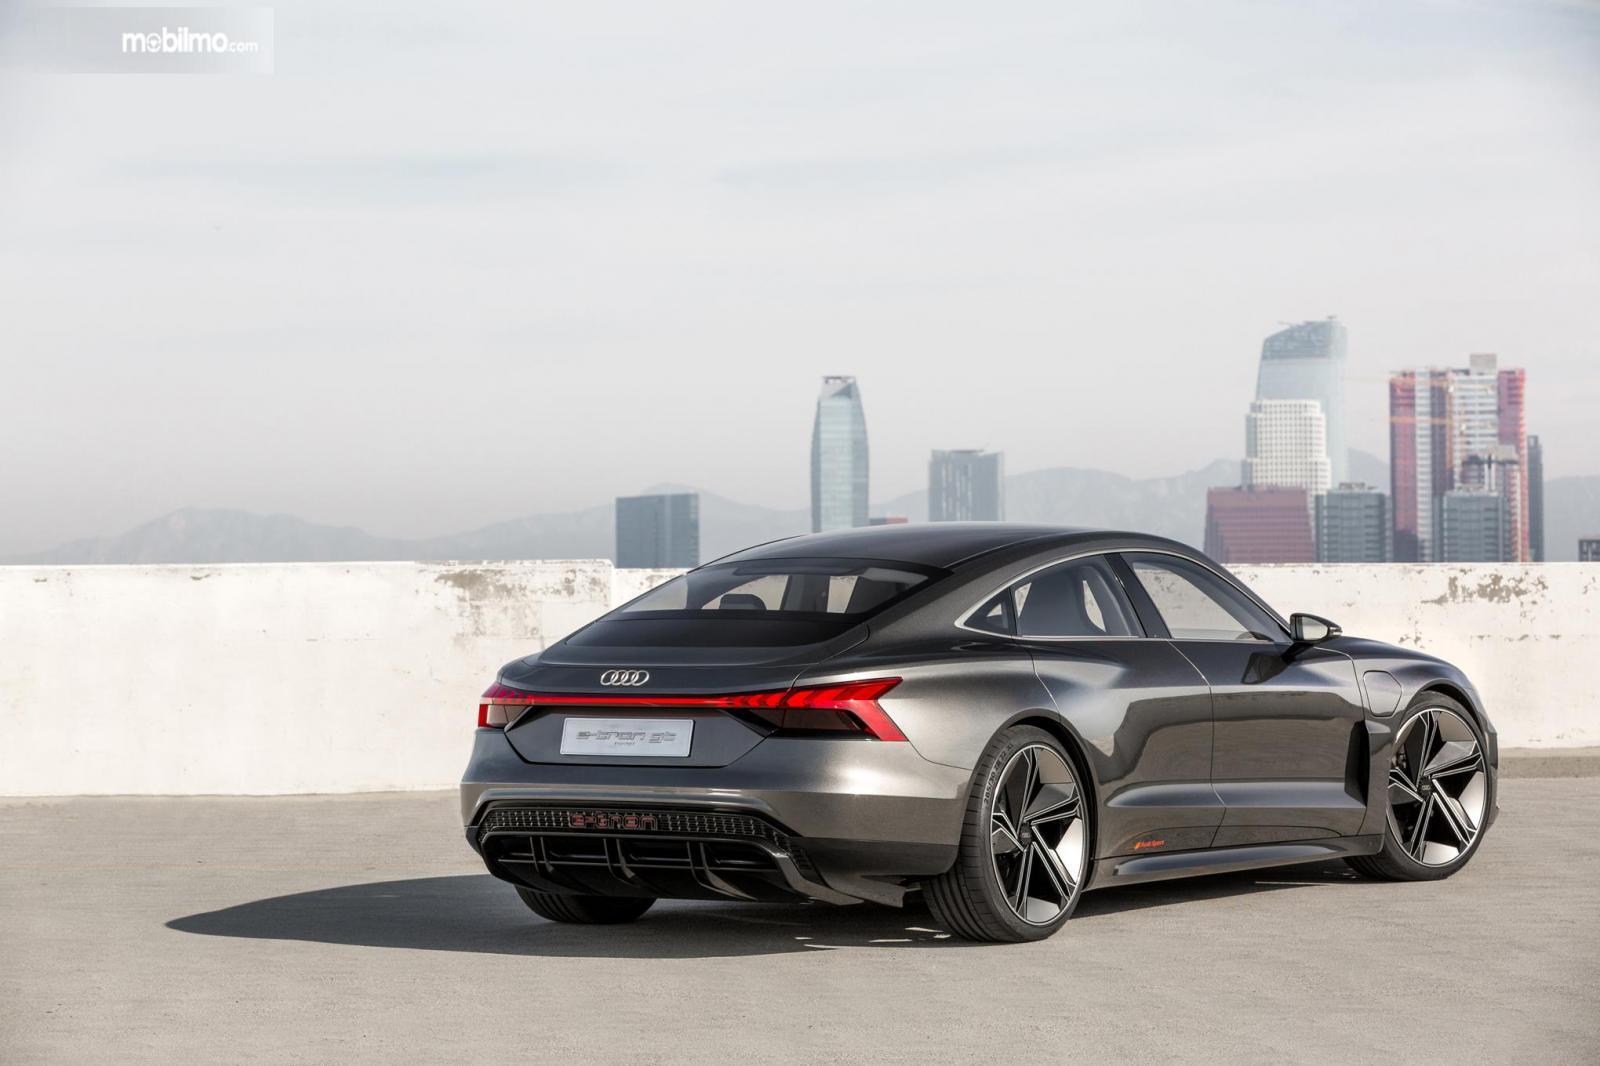 Gambar mobil Audi e-tron GT 2019 berwarna abu-abu dilihat dari sisi belakang